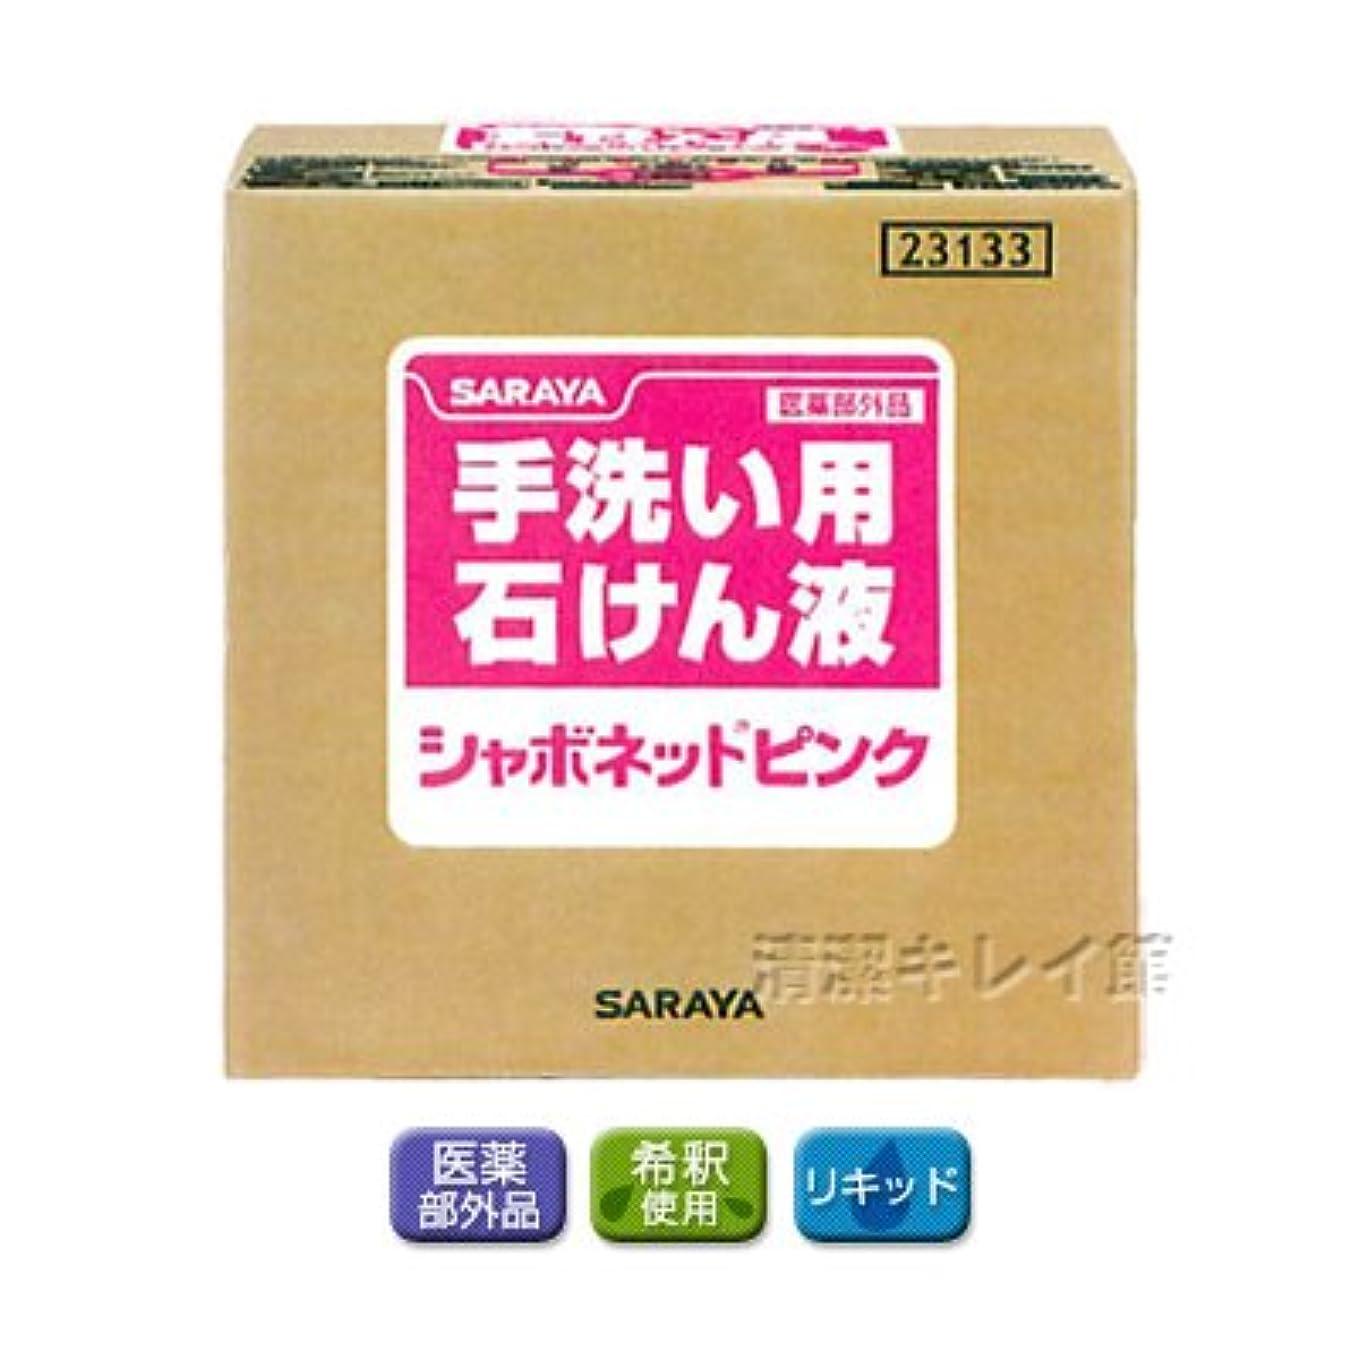 愛撫屋内応用【清潔キレイ館】サラヤ シャボネットピンク(20kg)